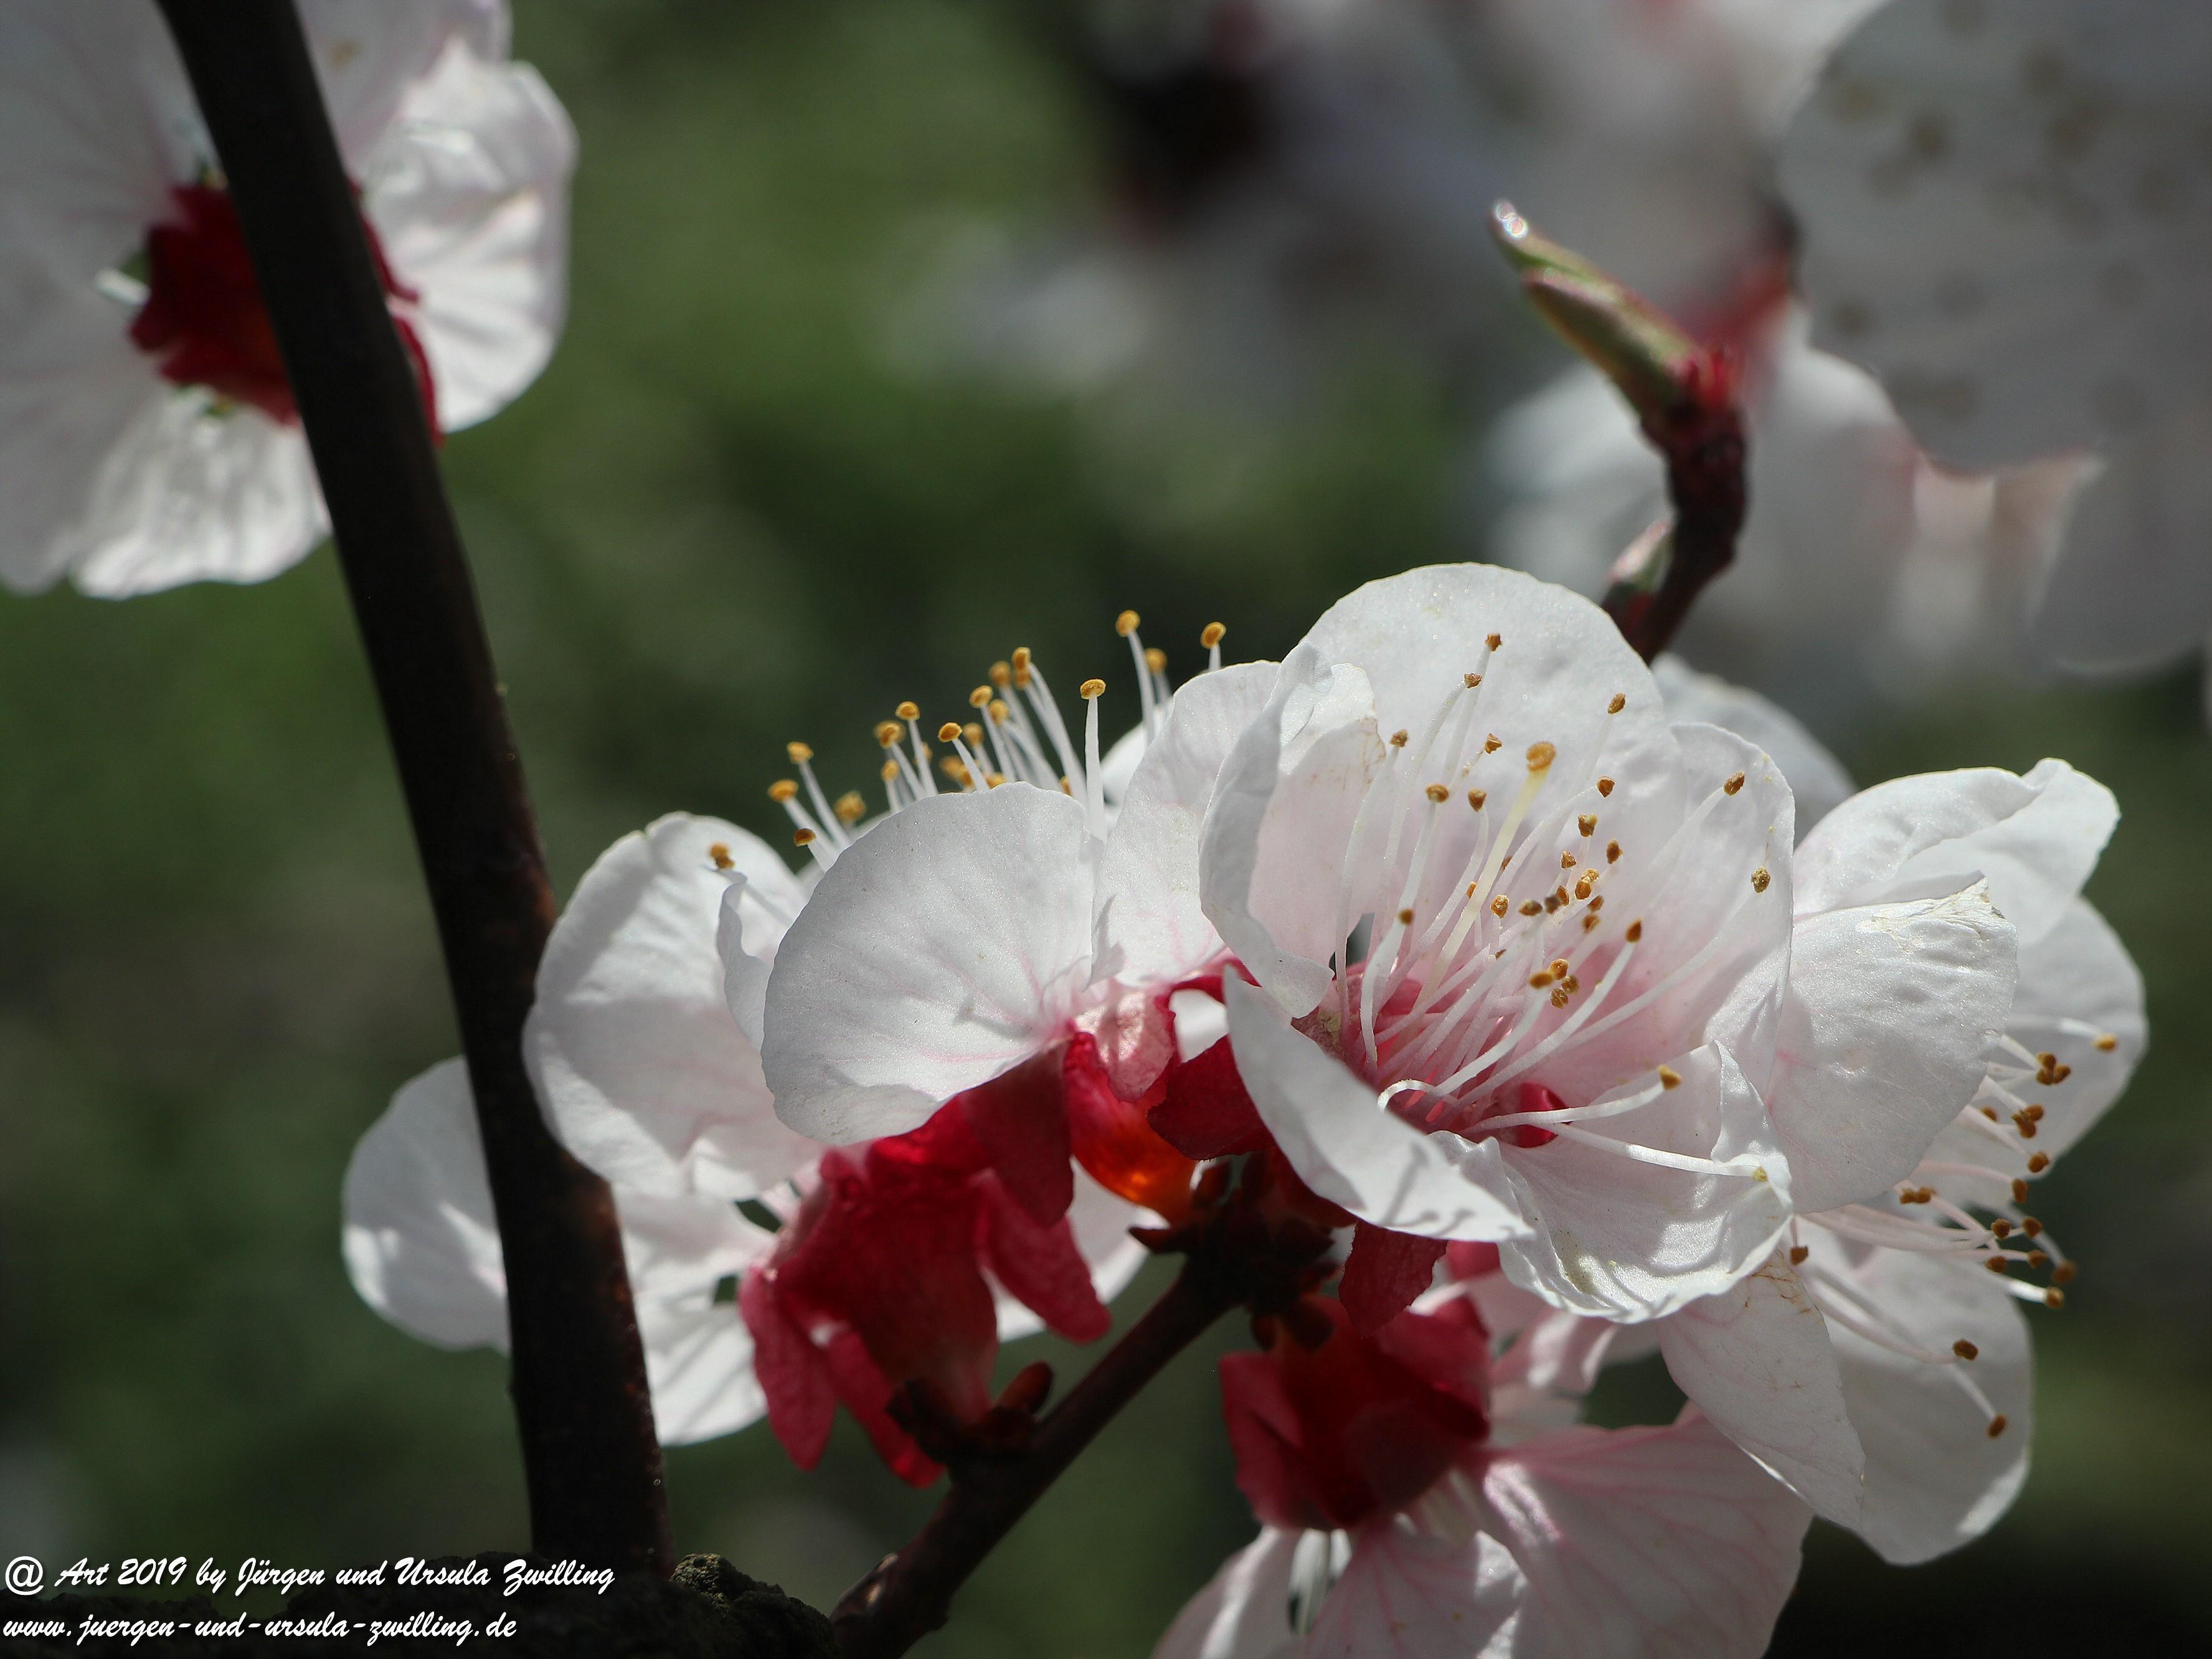 Aprikosenblüten 22